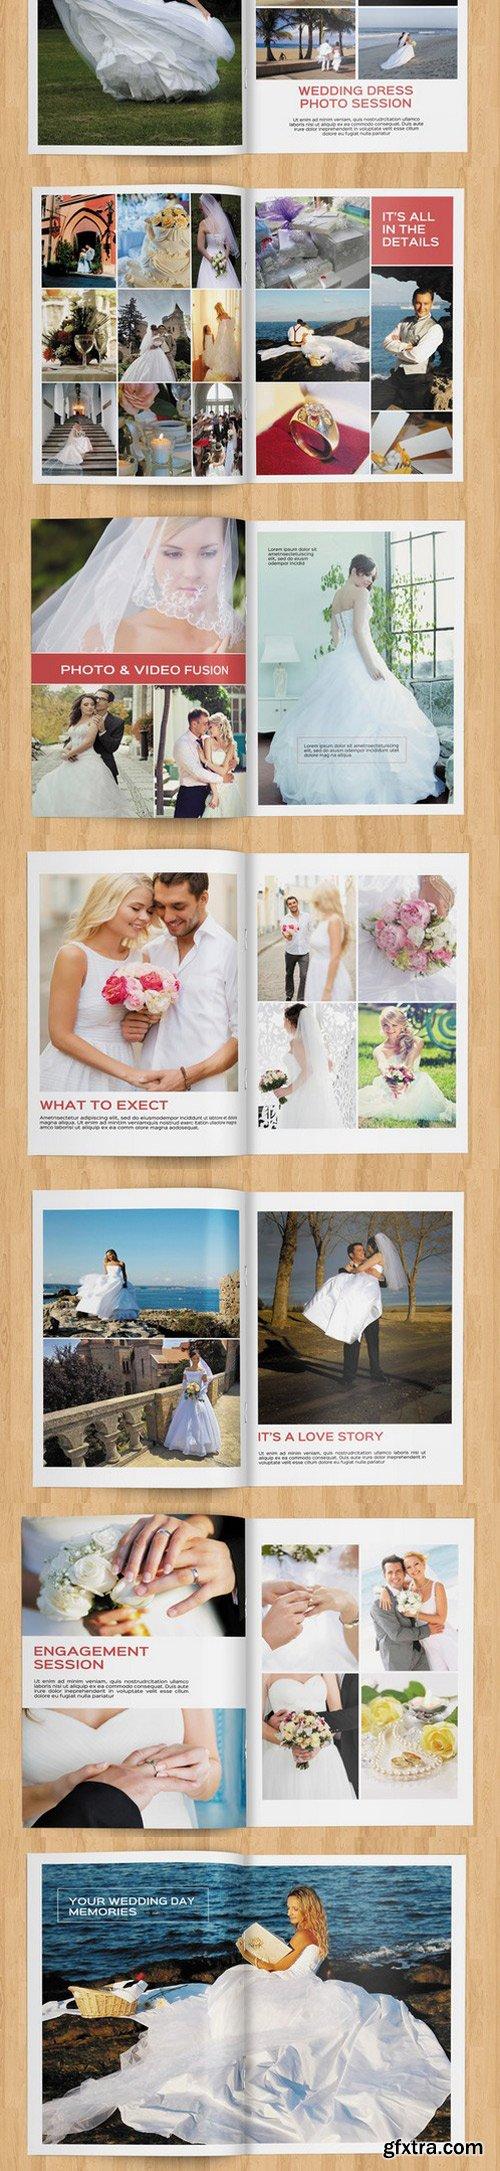 CM - Wedding Photography Magazine-V325 476508